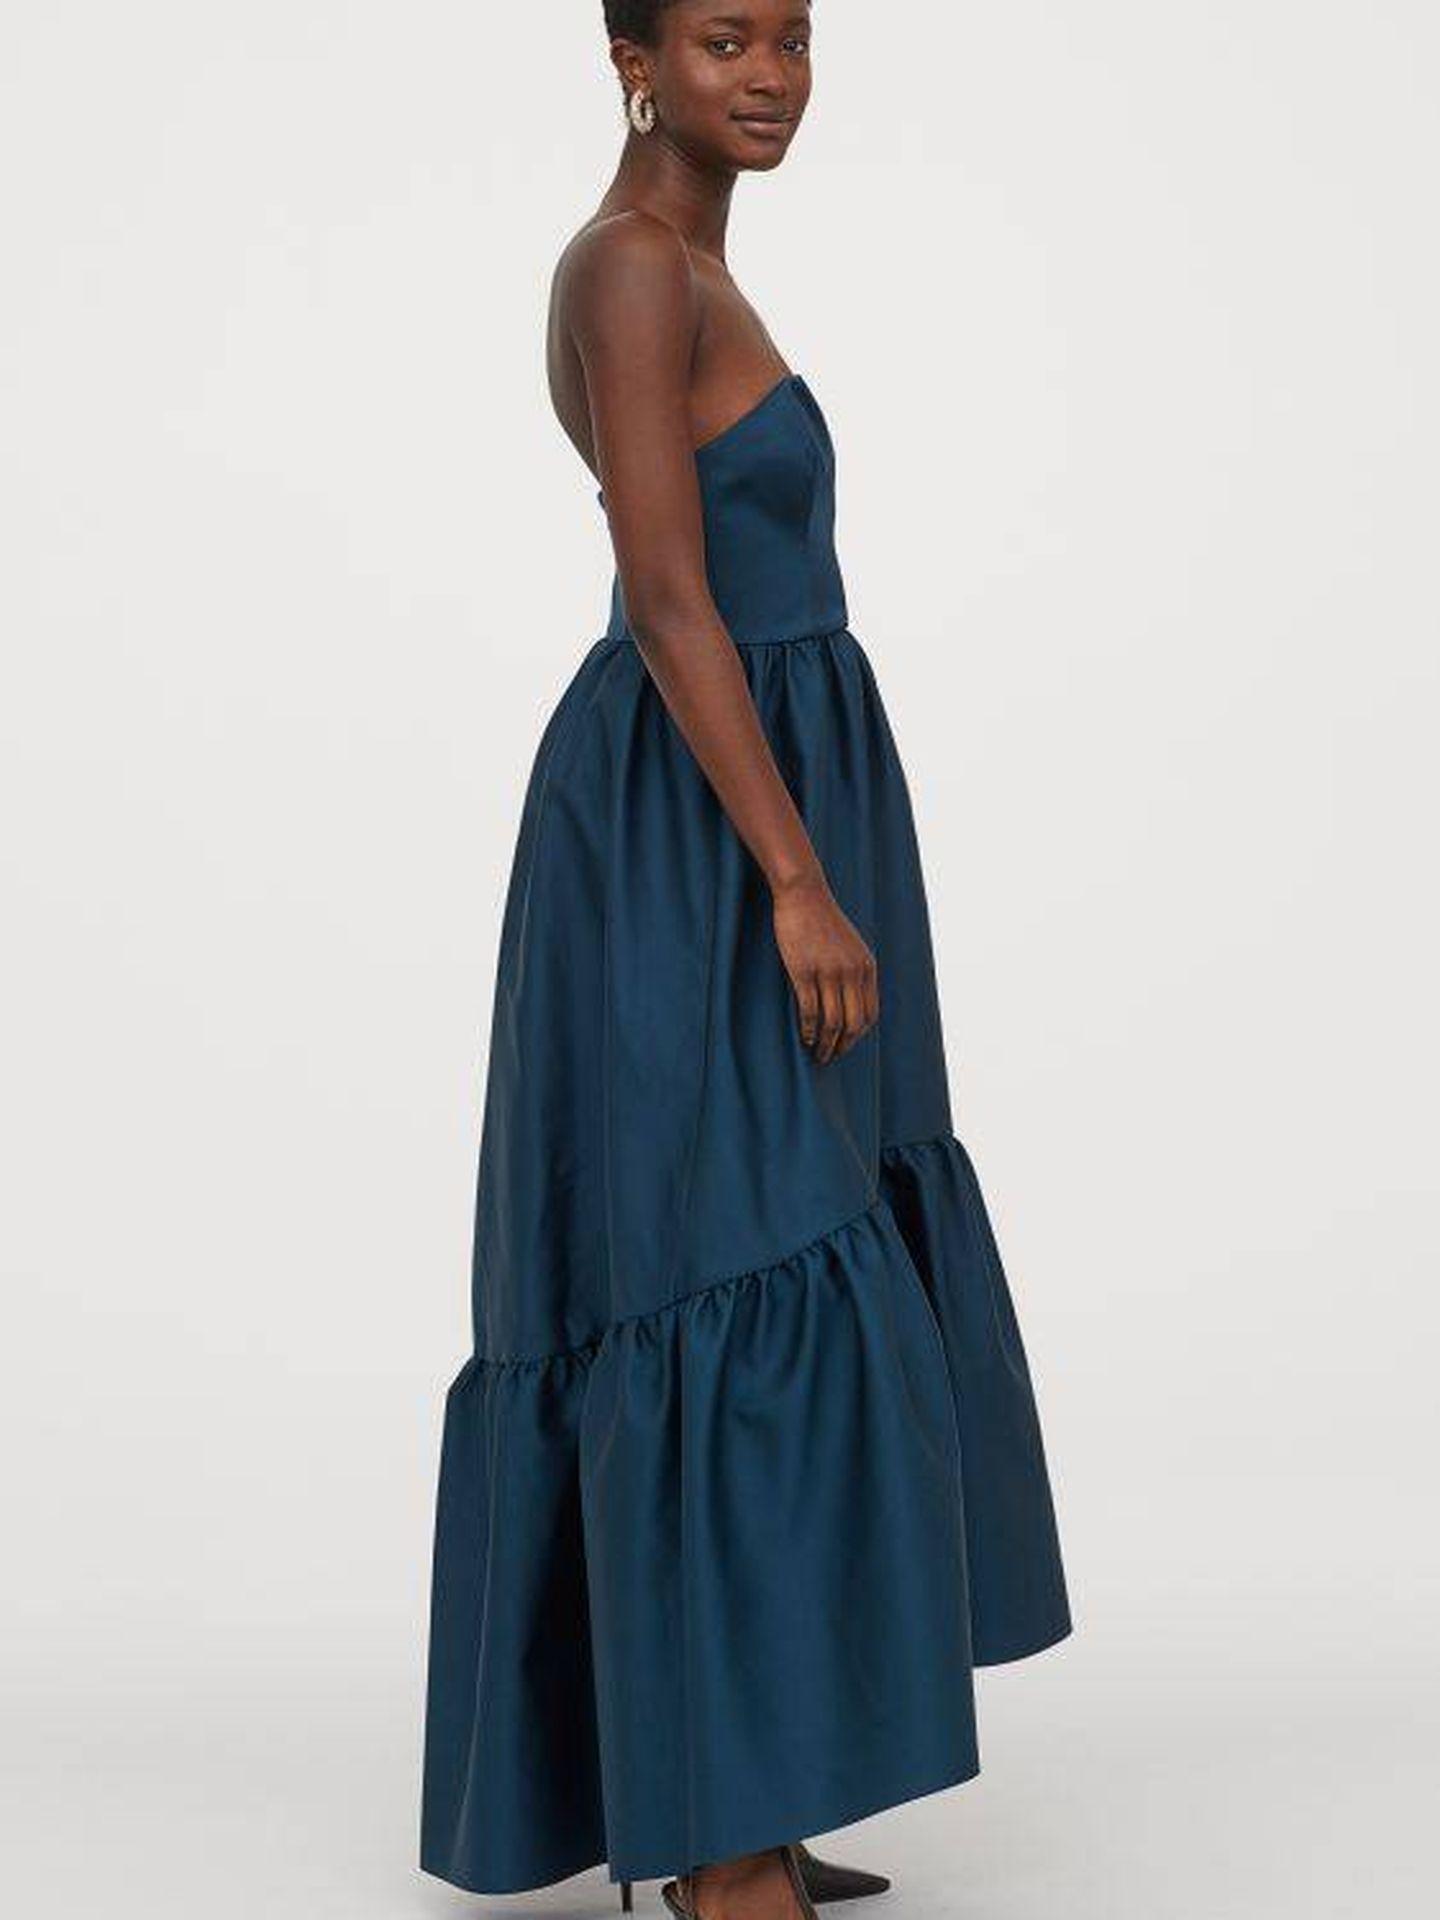 El nuevo vestido para invitadas de HyM. (Cortesía)